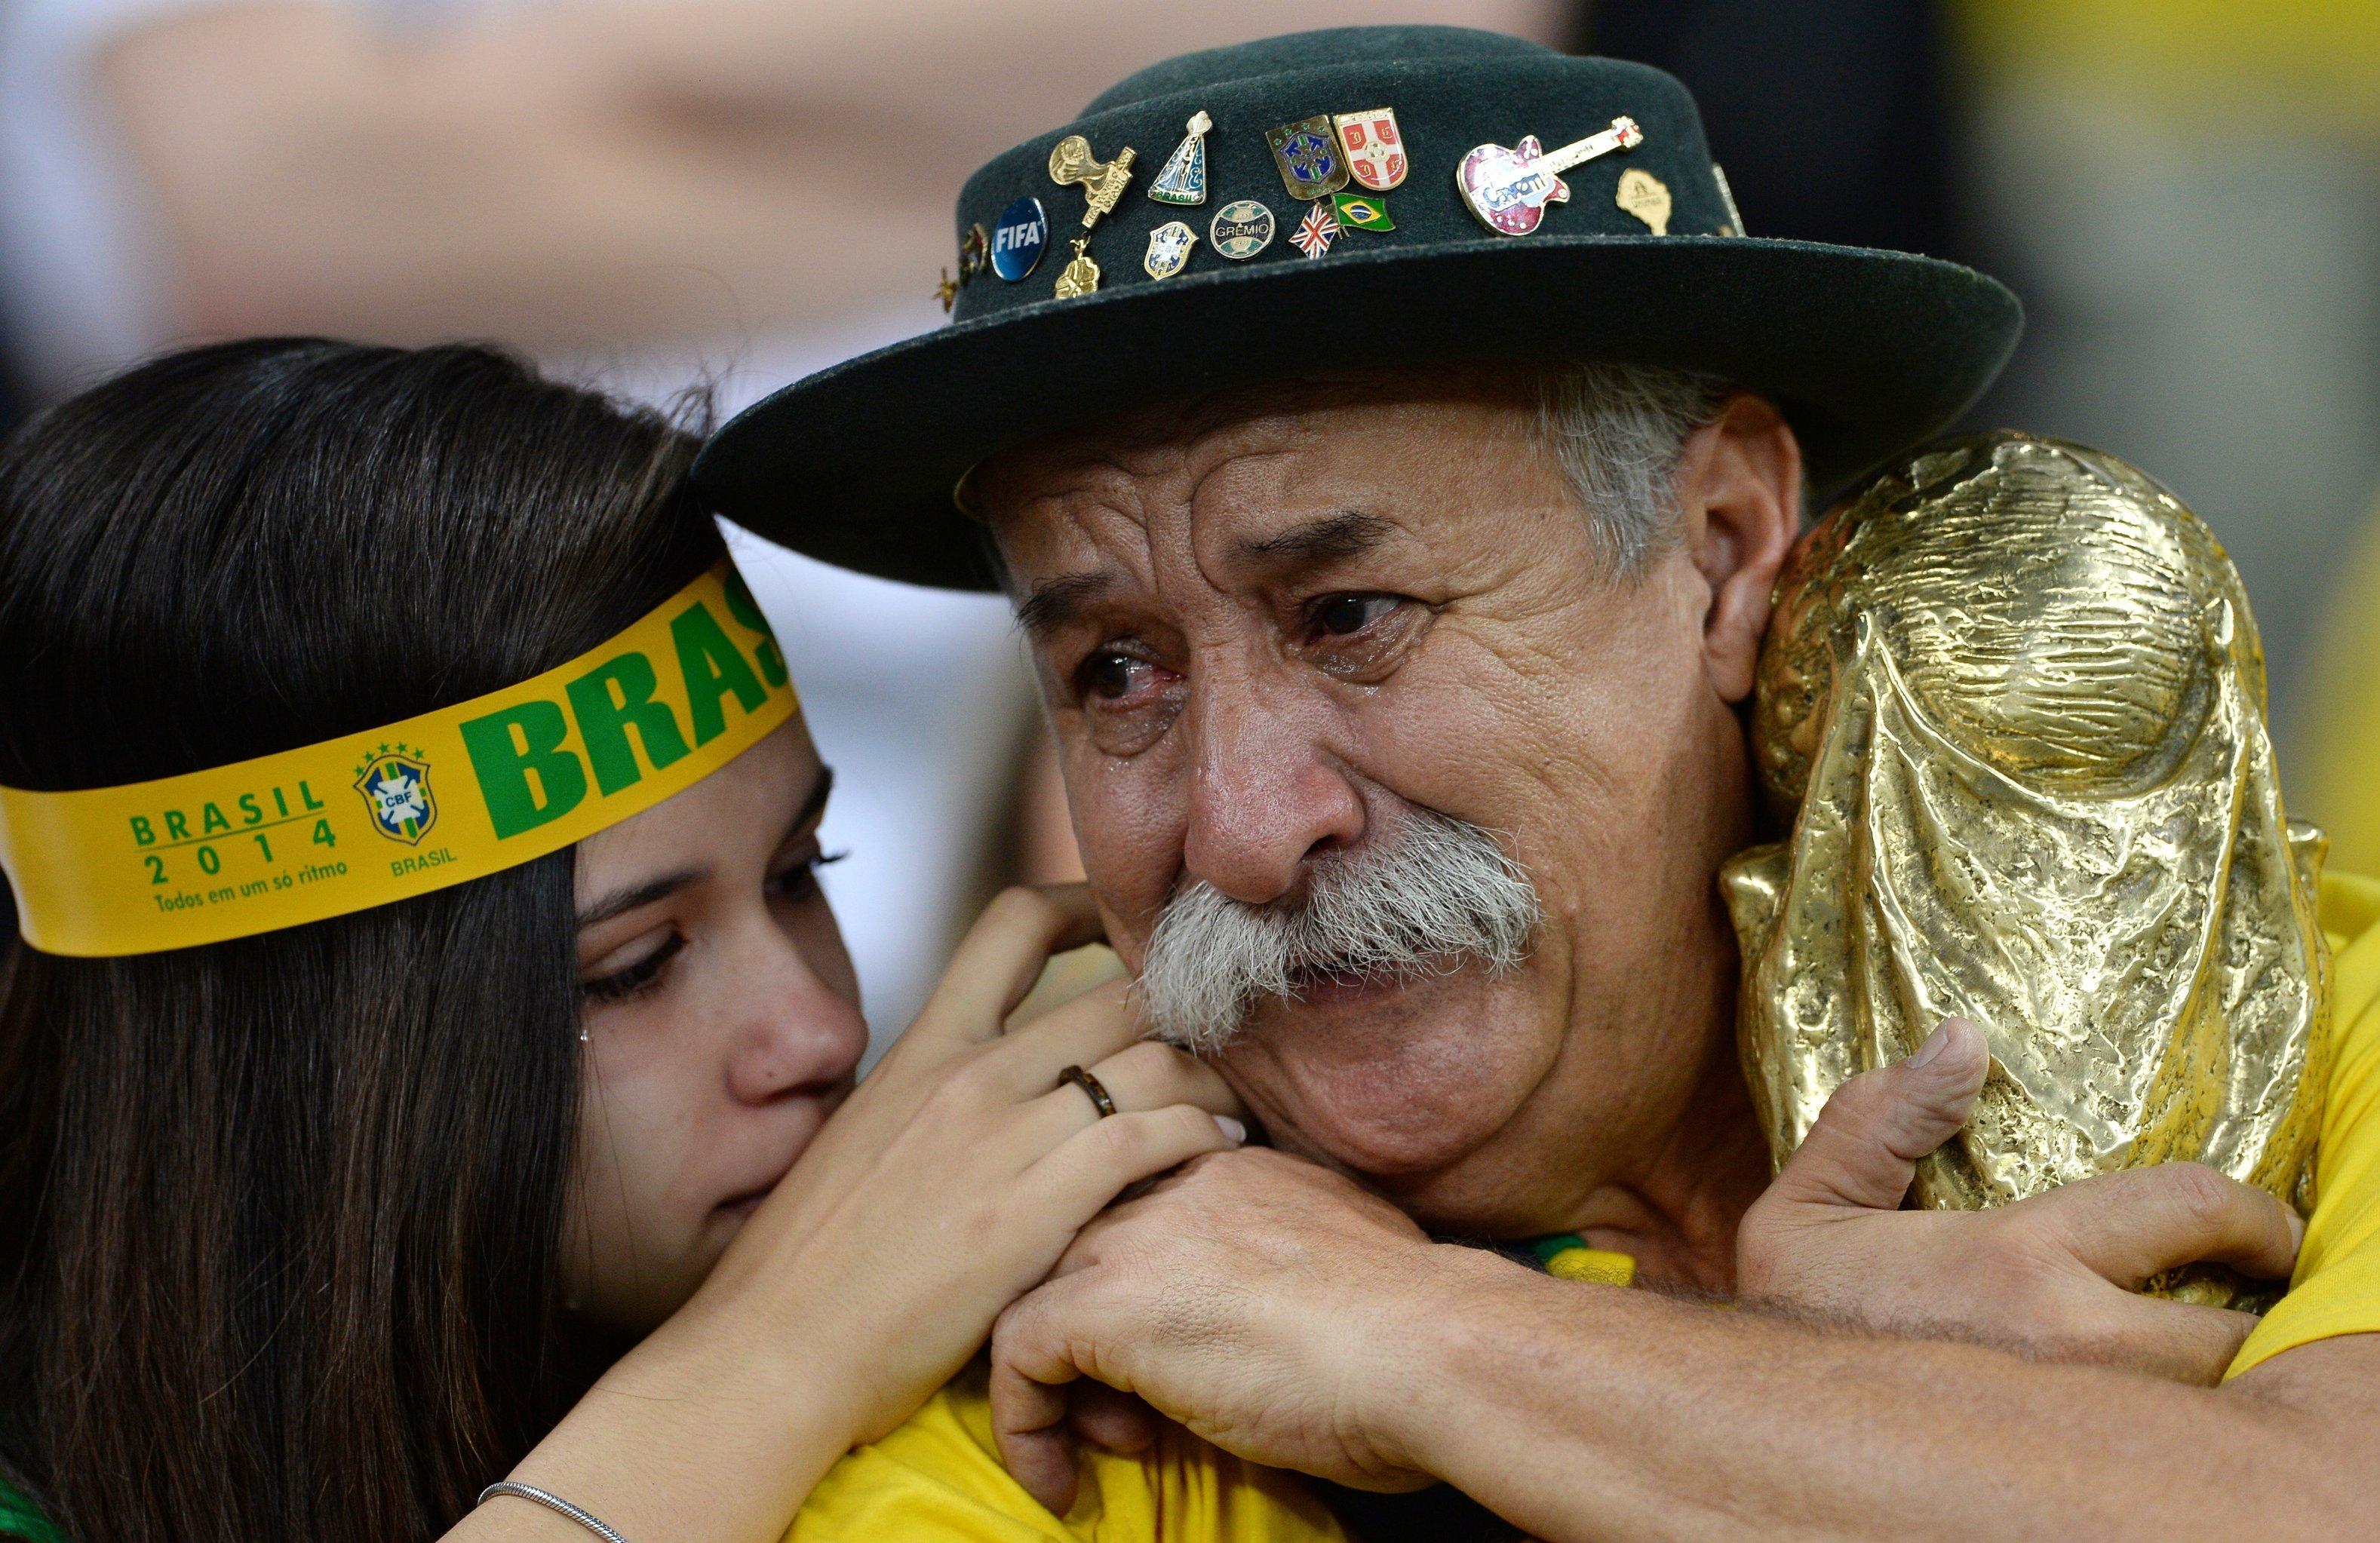 Кловис Акоста Фернандес во время чемпионата мира по футболу 2014 года